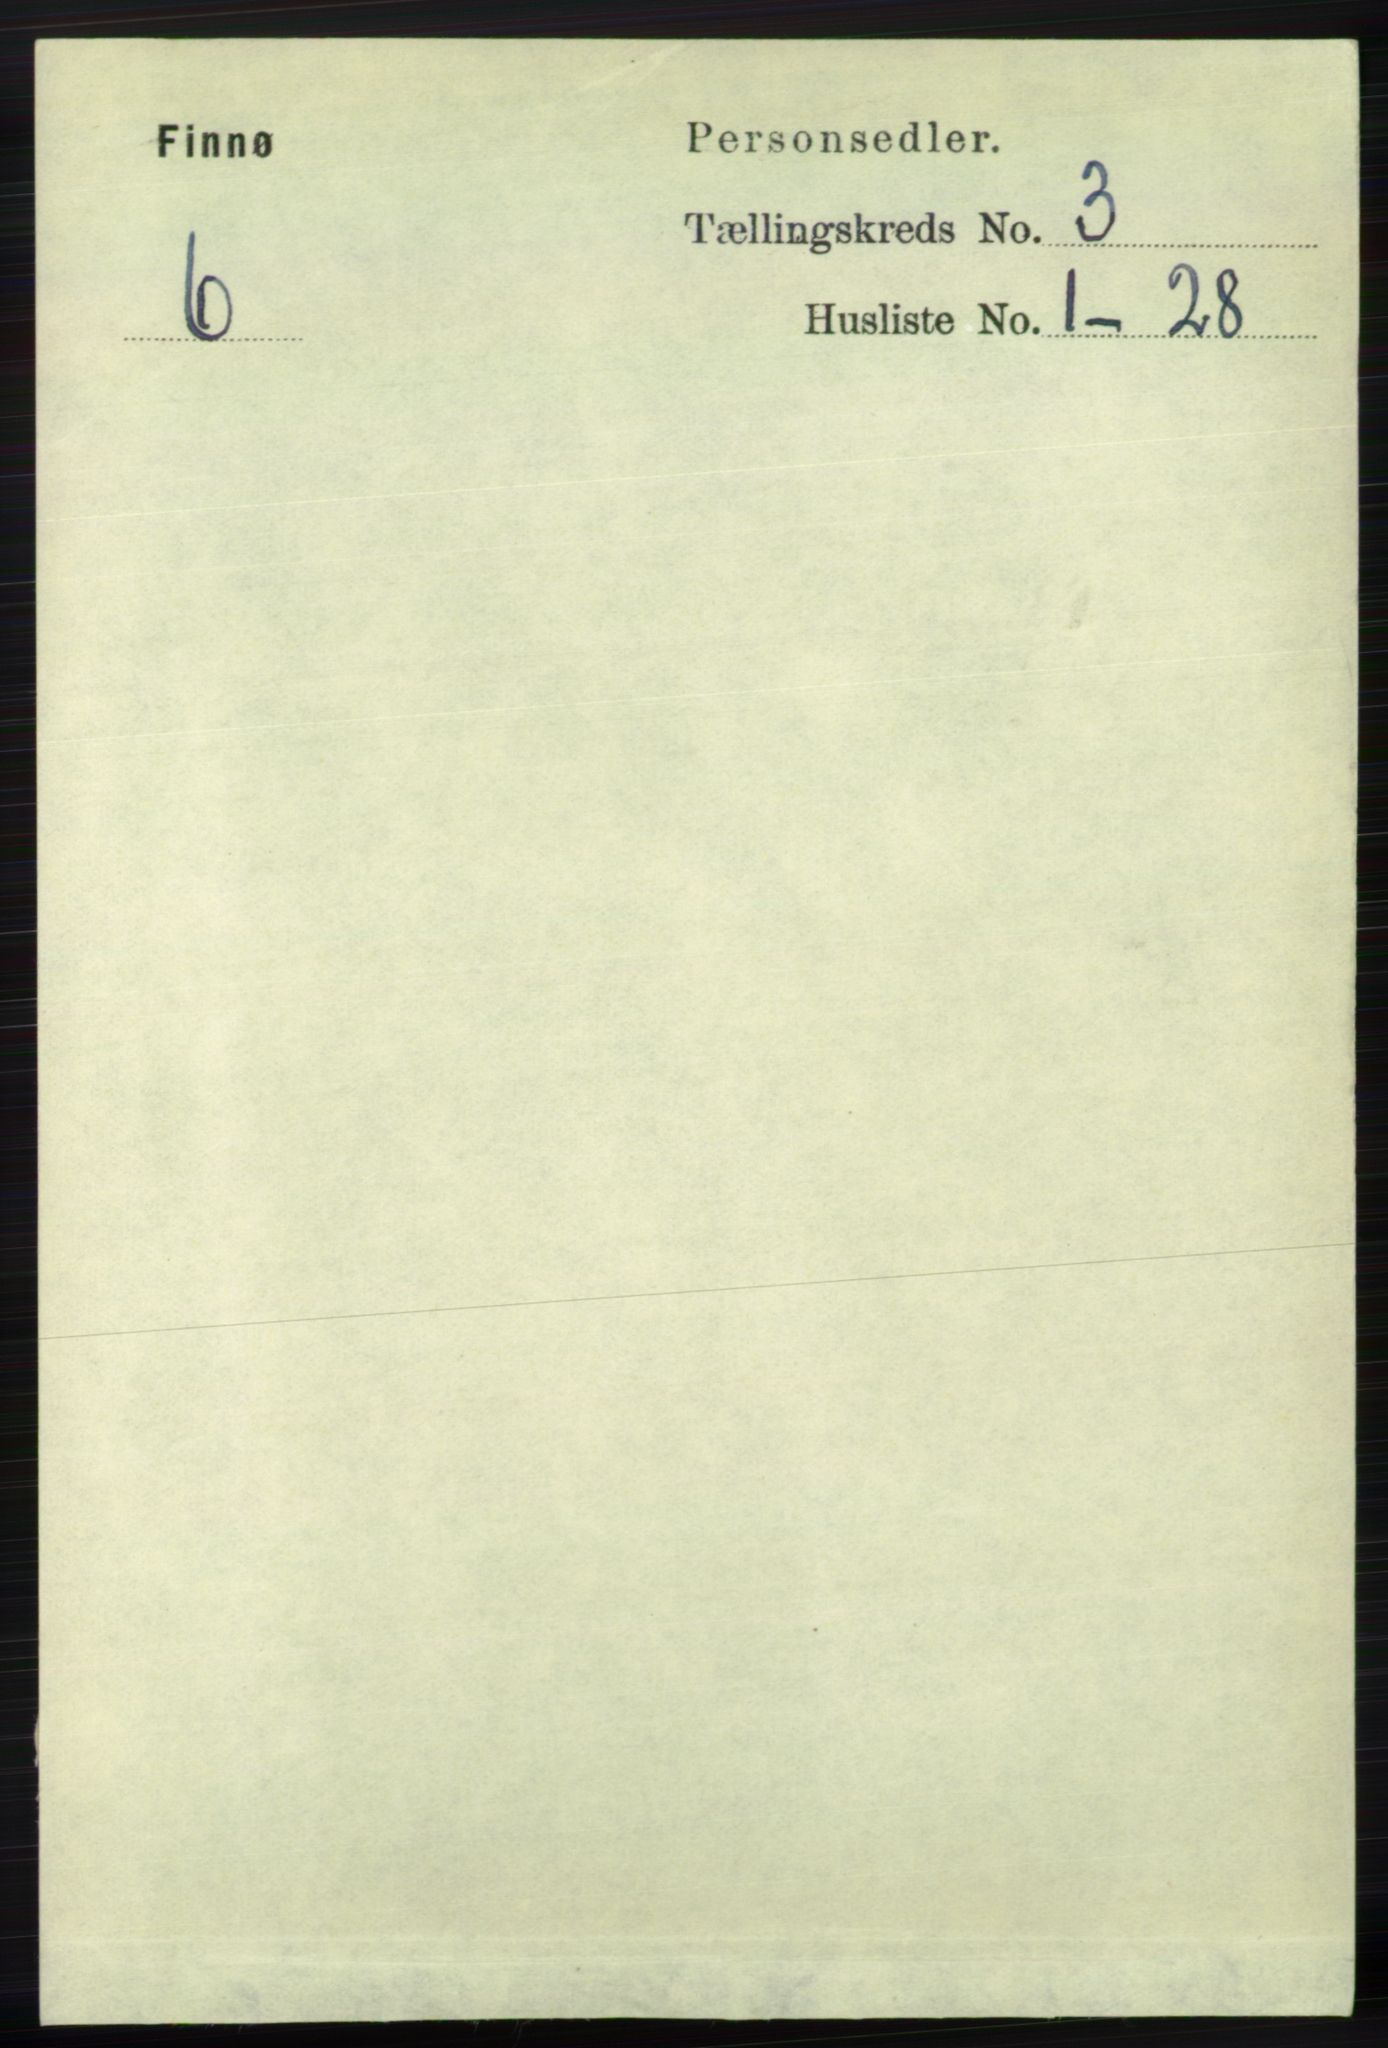 RA, Folketelling 1891 for 1141 Finnøy herred, 1891, s. 474